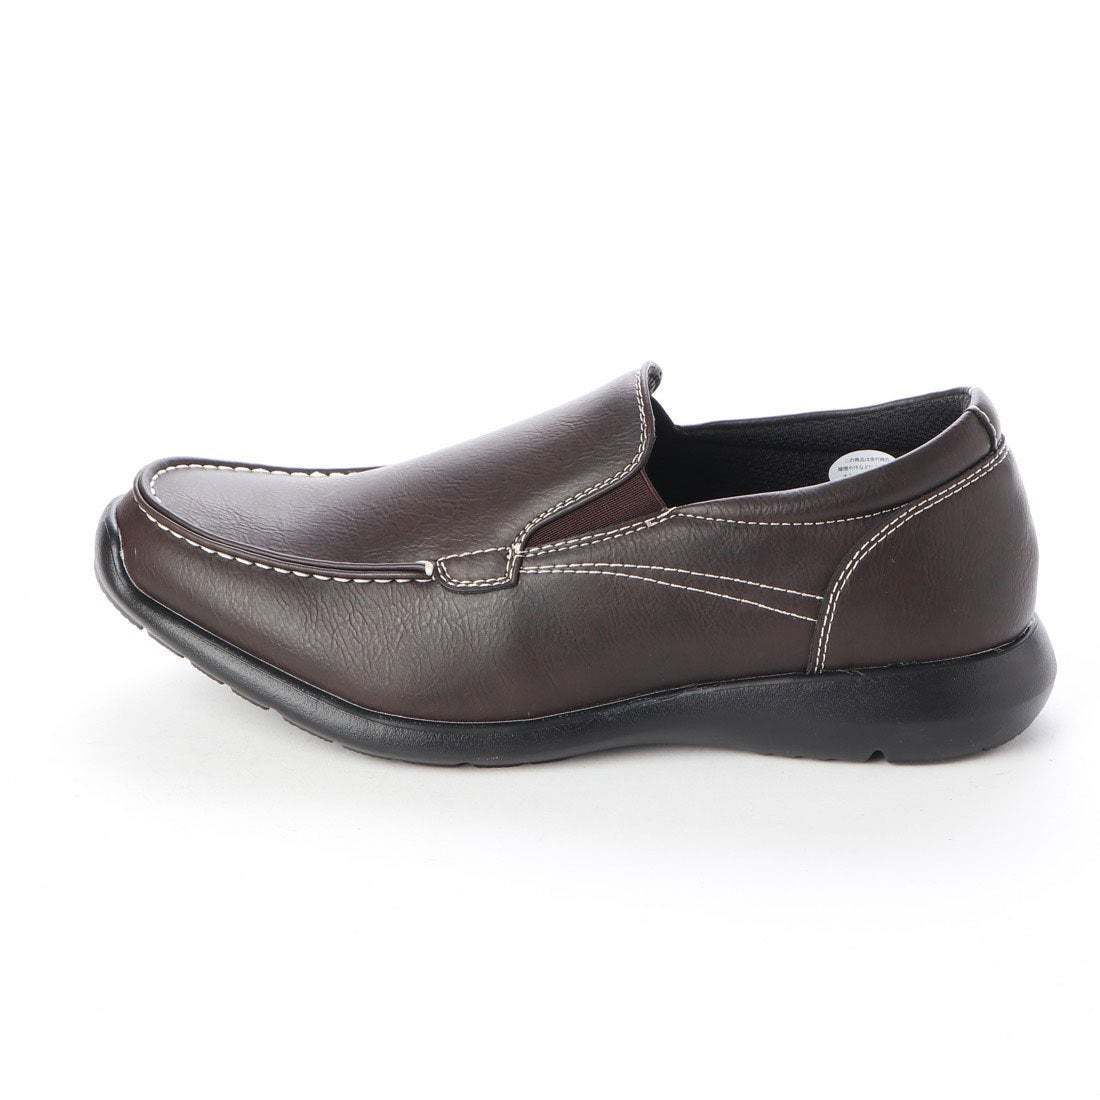 【安い】【超軽量】【防水】【幅広】GRAVITY FREE メンズ ウォーキング ビジネスシューズ 紳士靴 革靴 606 スリッポン ブラウン 茶 27.0cm